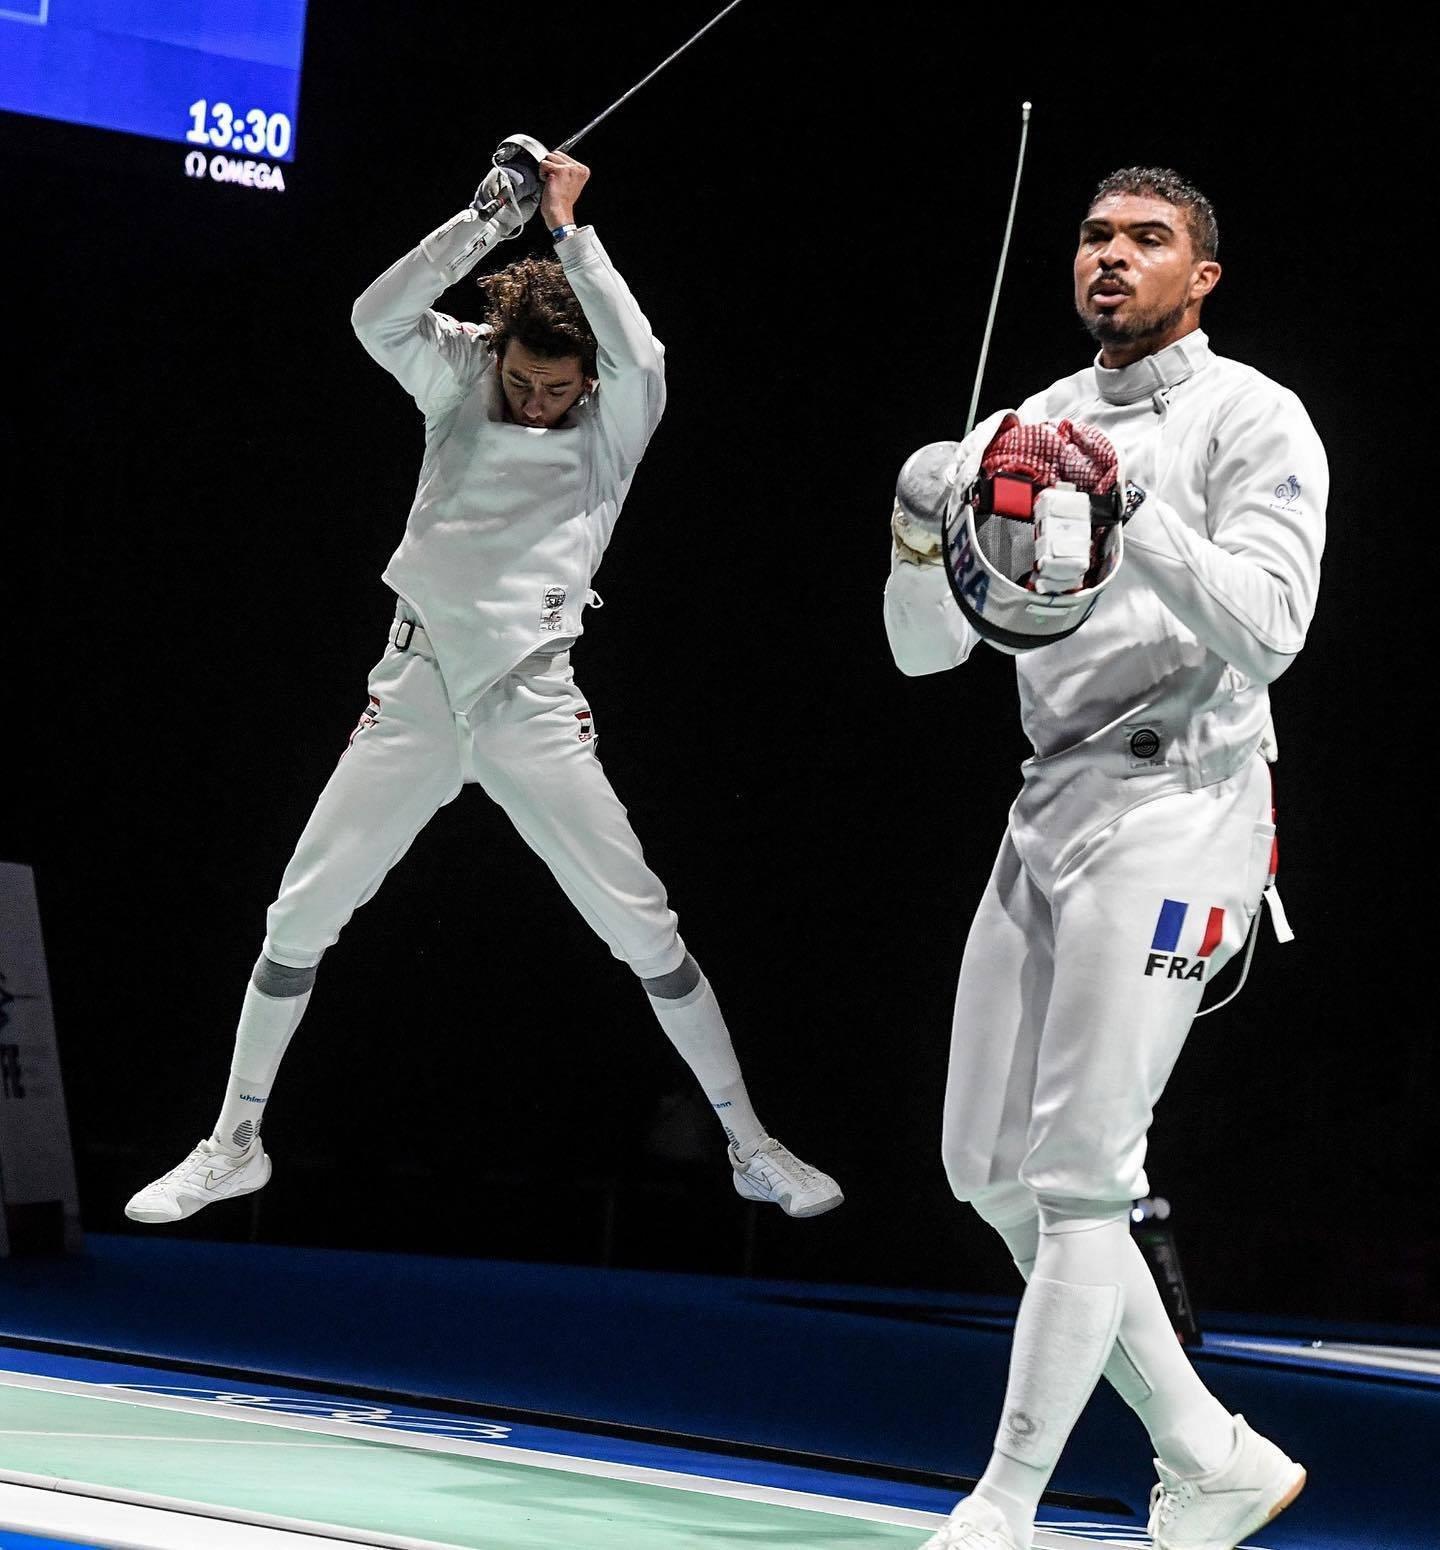 أولمبياد طوكيو - محمد السيد يحتفل على طريقة كرستيانو رونالدو